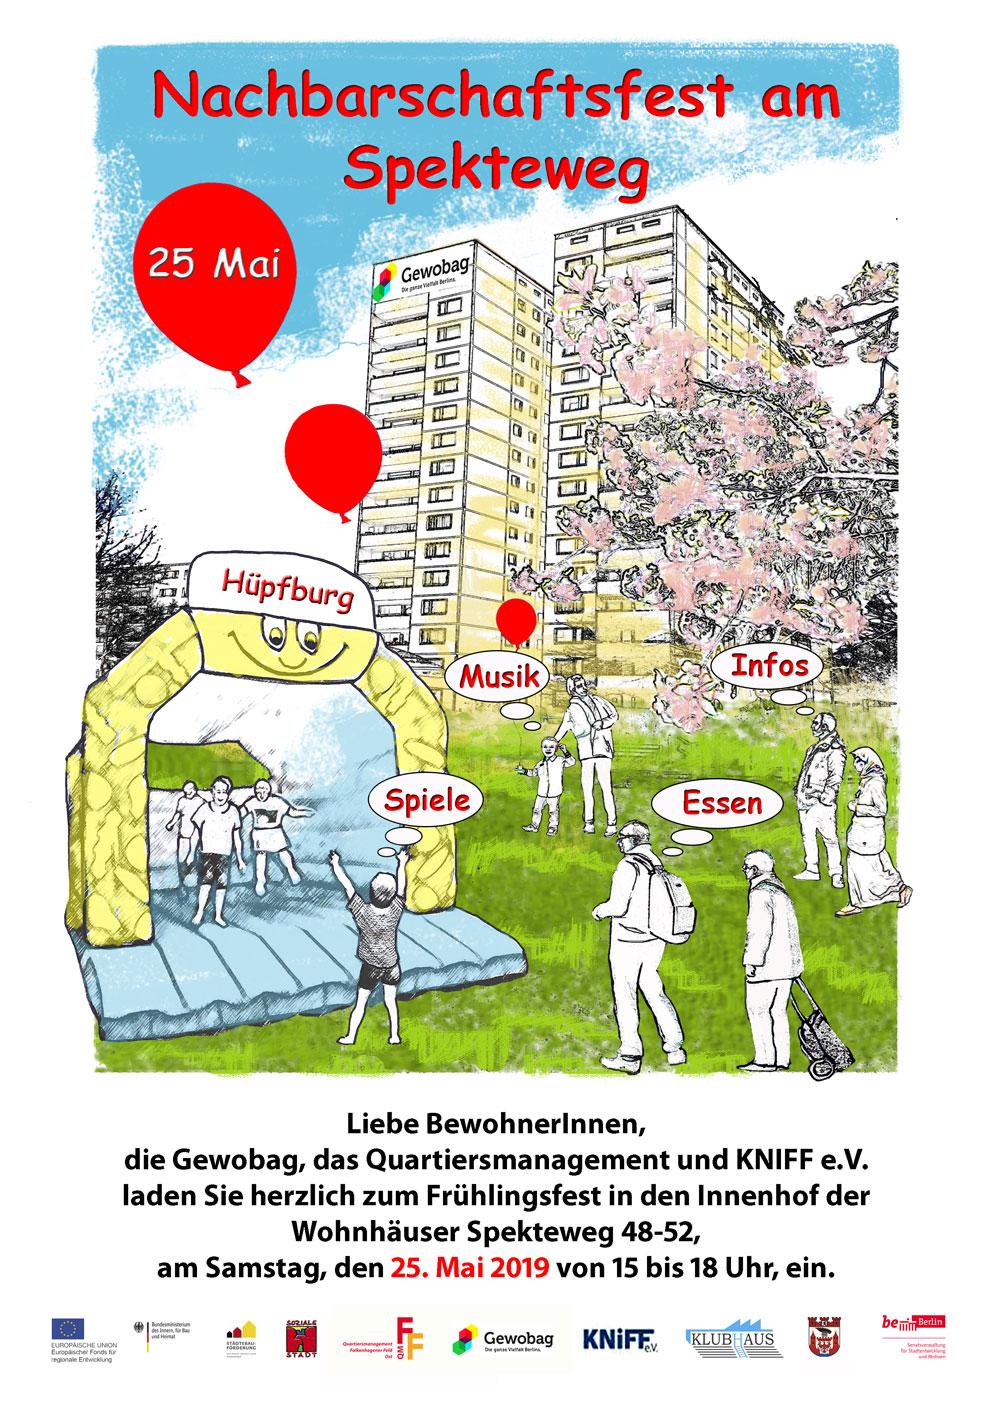 Nachbarschaftsfest am 25. Mai von 15 bis 18 Uhr im Spekteweg